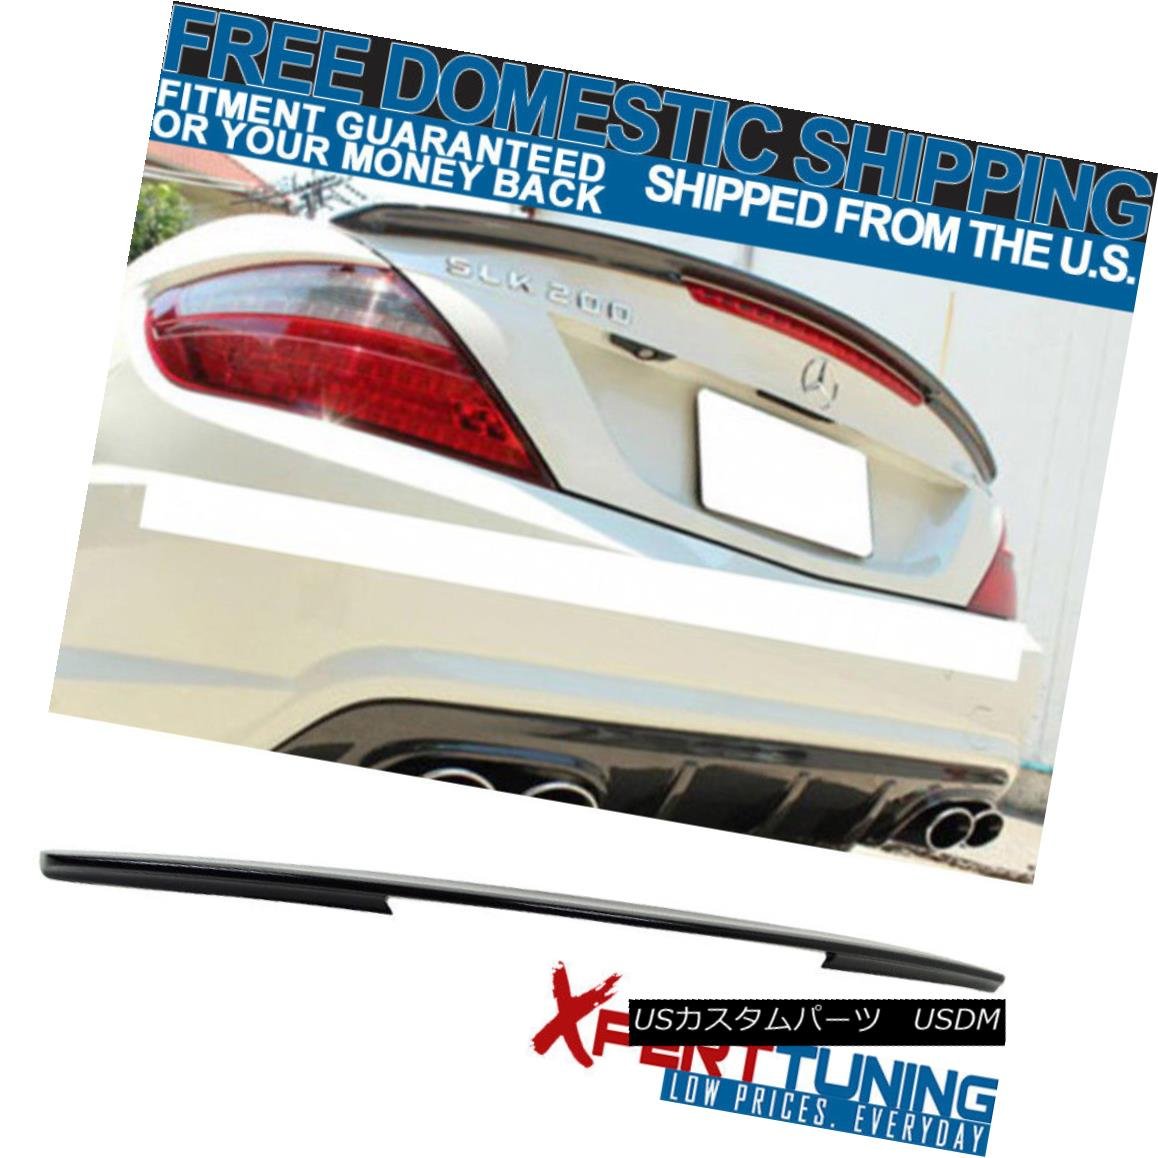 エアロパーツ Open Box Fits 11-13 Benz SLK Class R172 AMG Style Trunk Spoiler Carbon Fiber CF オープンボックスは11-13ベンツに適合SLKクラスR172 AMGスタイルトランクスポイラー炭素繊維CF